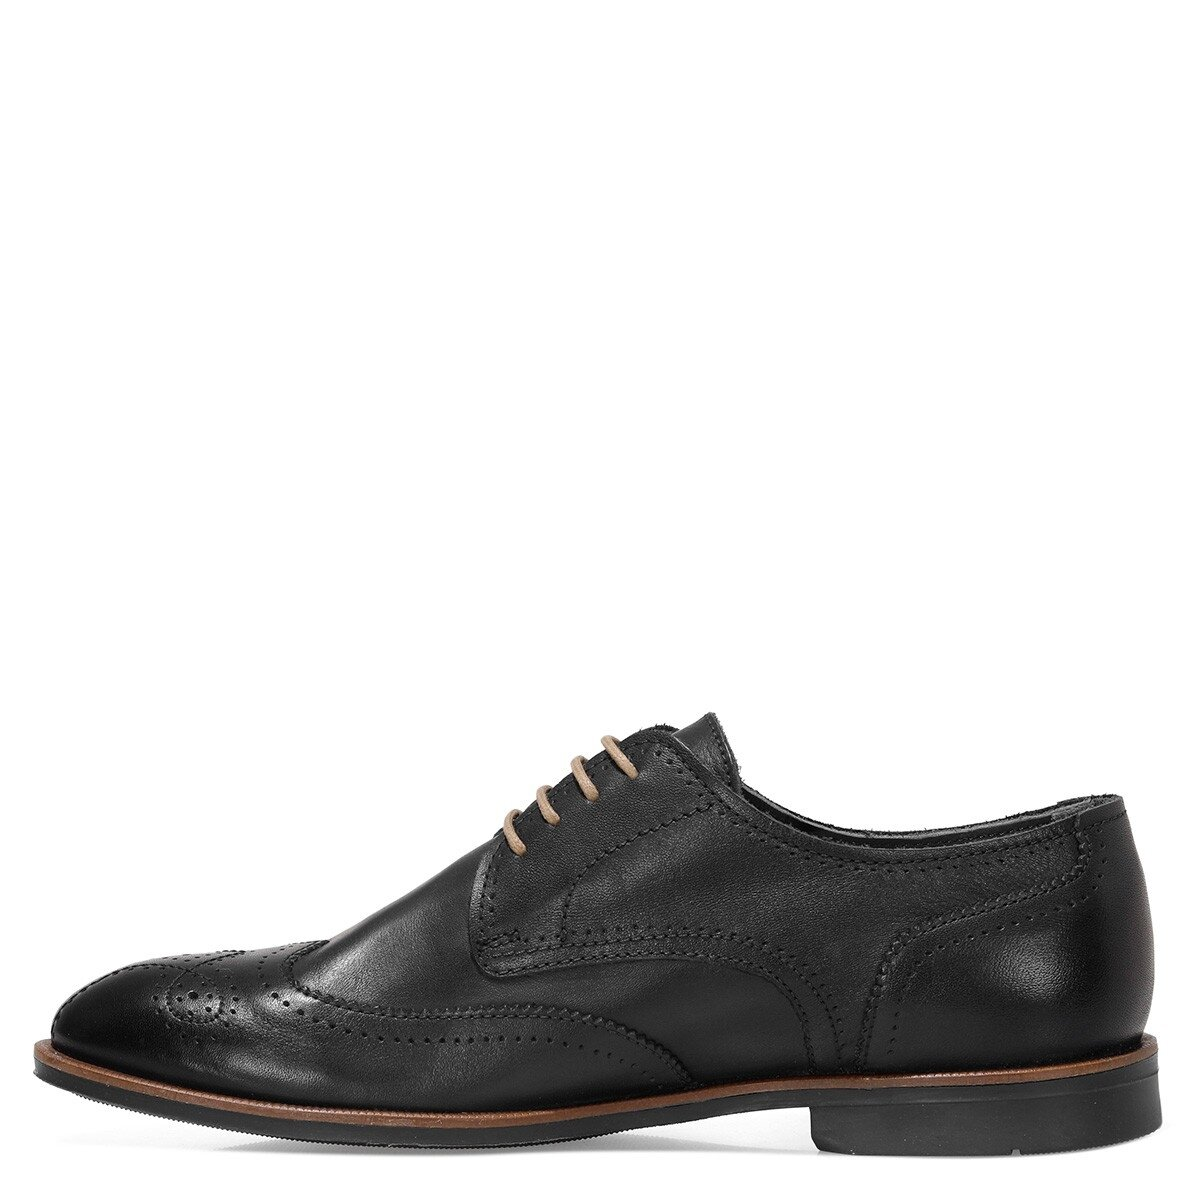 ZORAL 1FX Siyah Erkek Klasik Ayakkabı